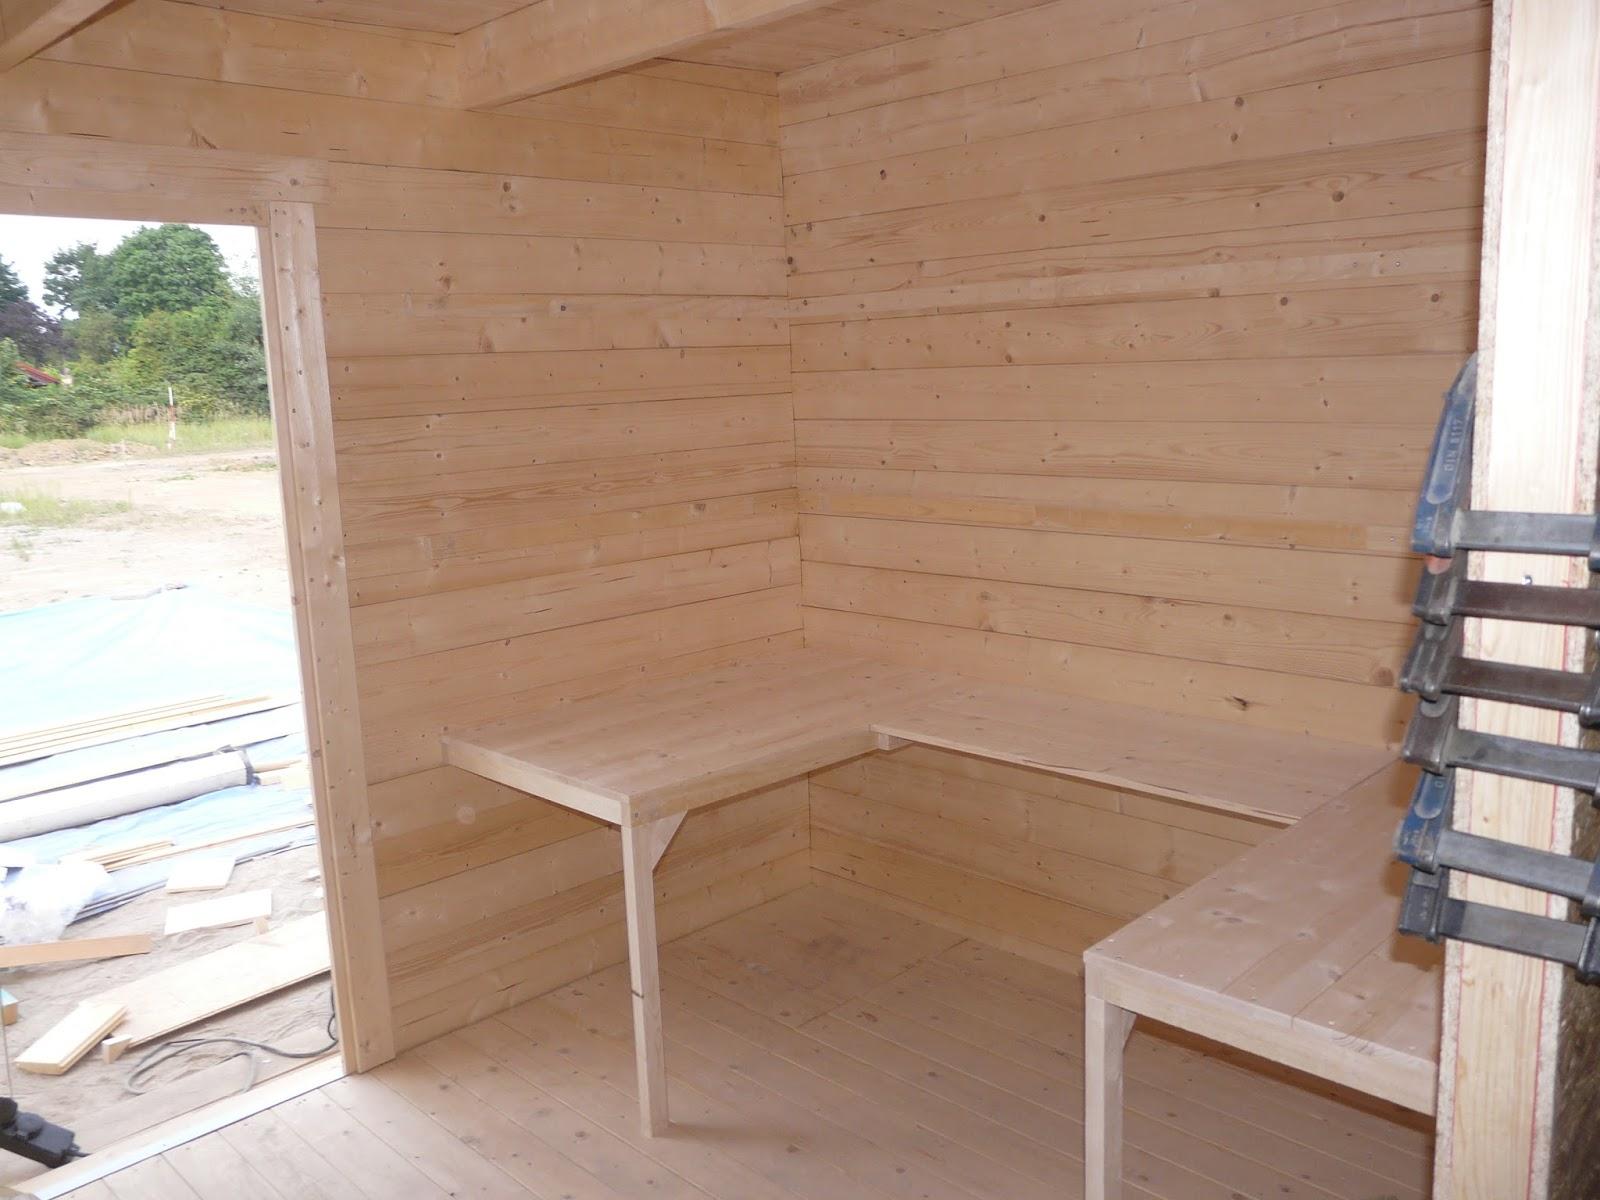 unser traum vom haus wird wirklichkeit innenausbau gartenhaus teil 2. Black Bedroom Furniture Sets. Home Design Ideas